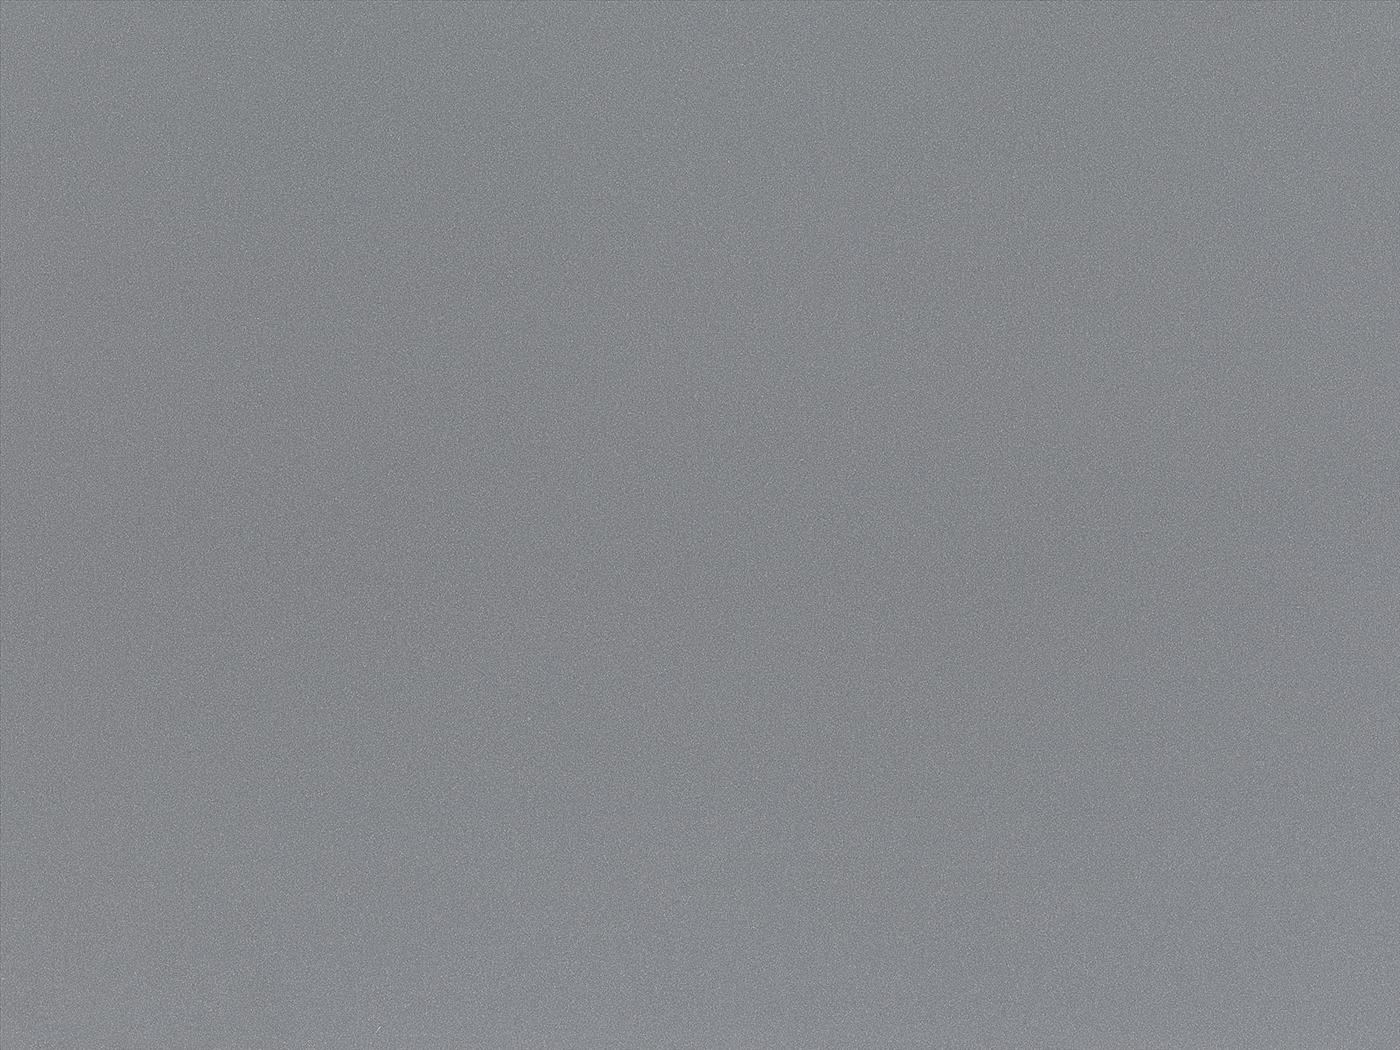 קוריאן corian silverite